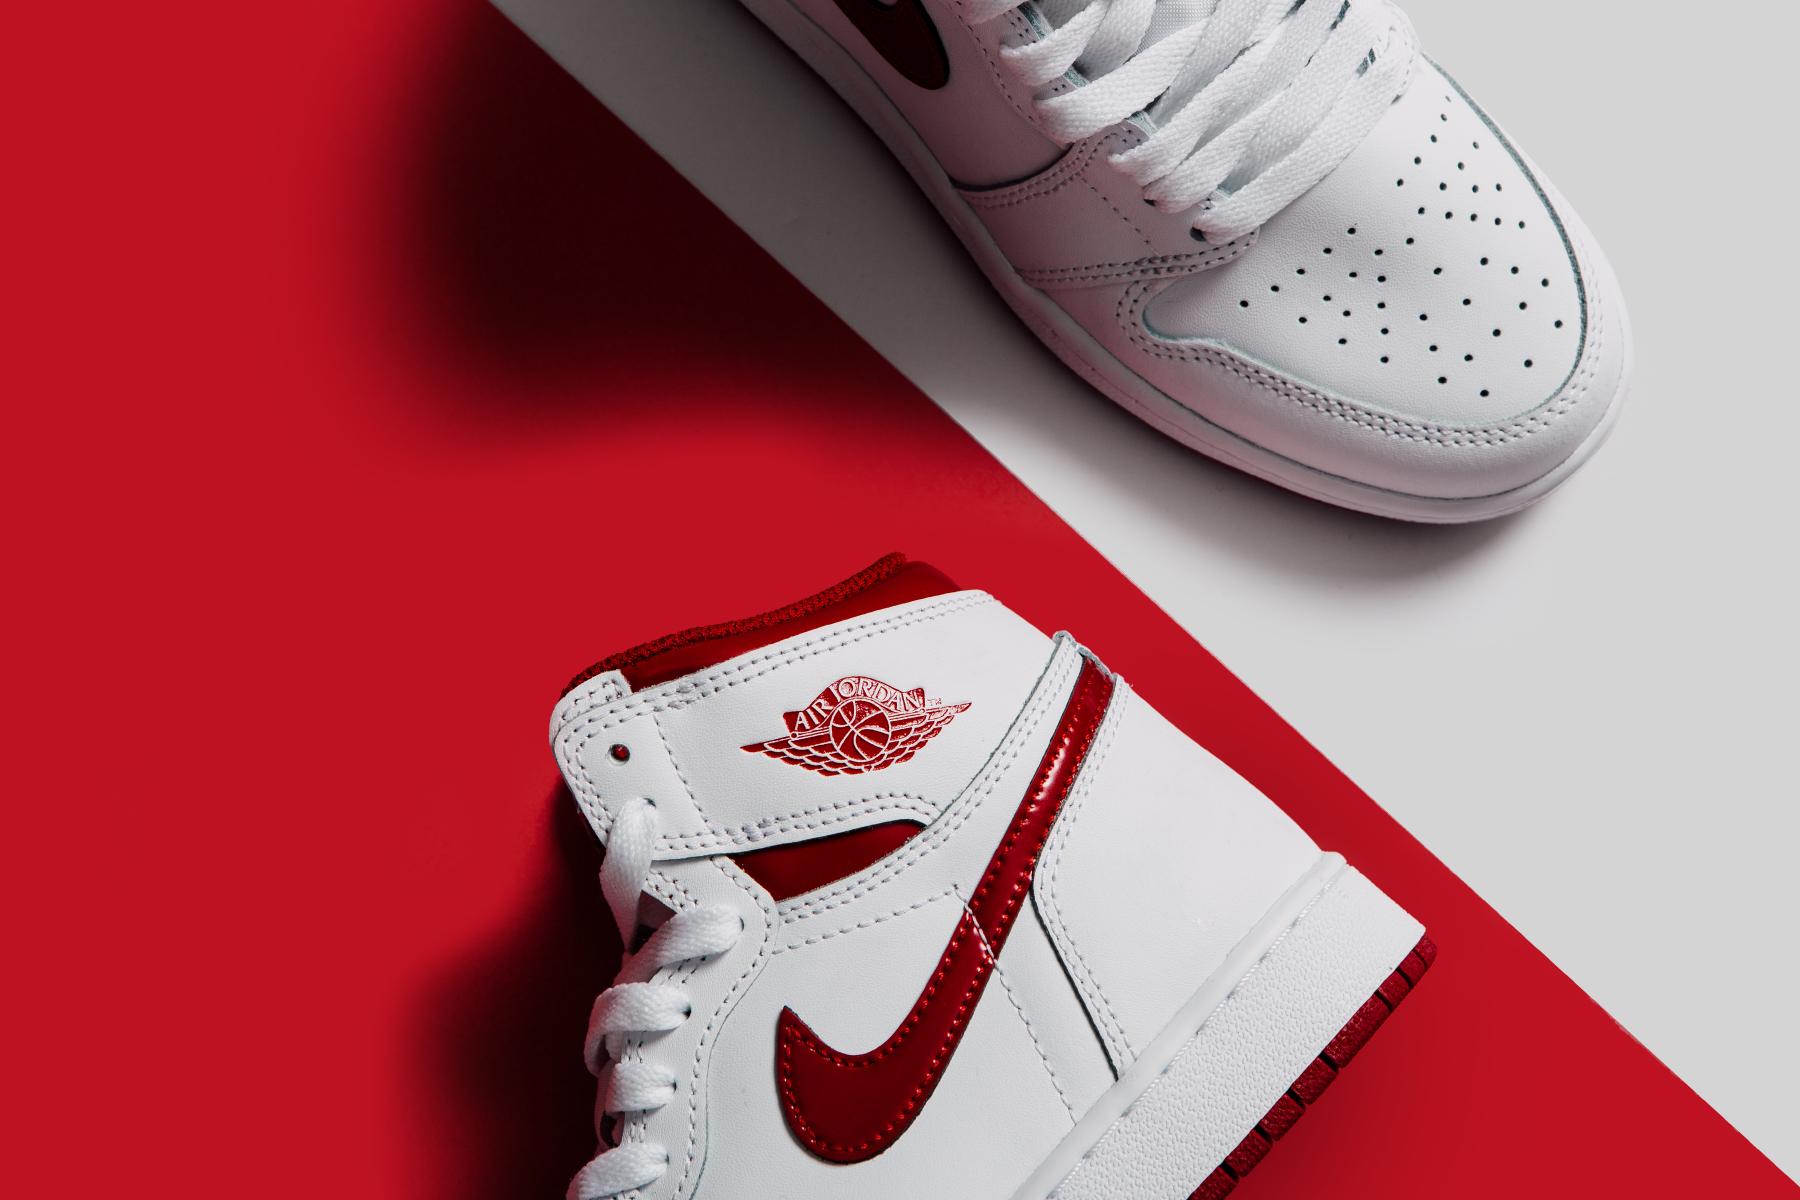 Air Jordan 1 Retro High OG Youth - White Varsity Red_0393.jpg